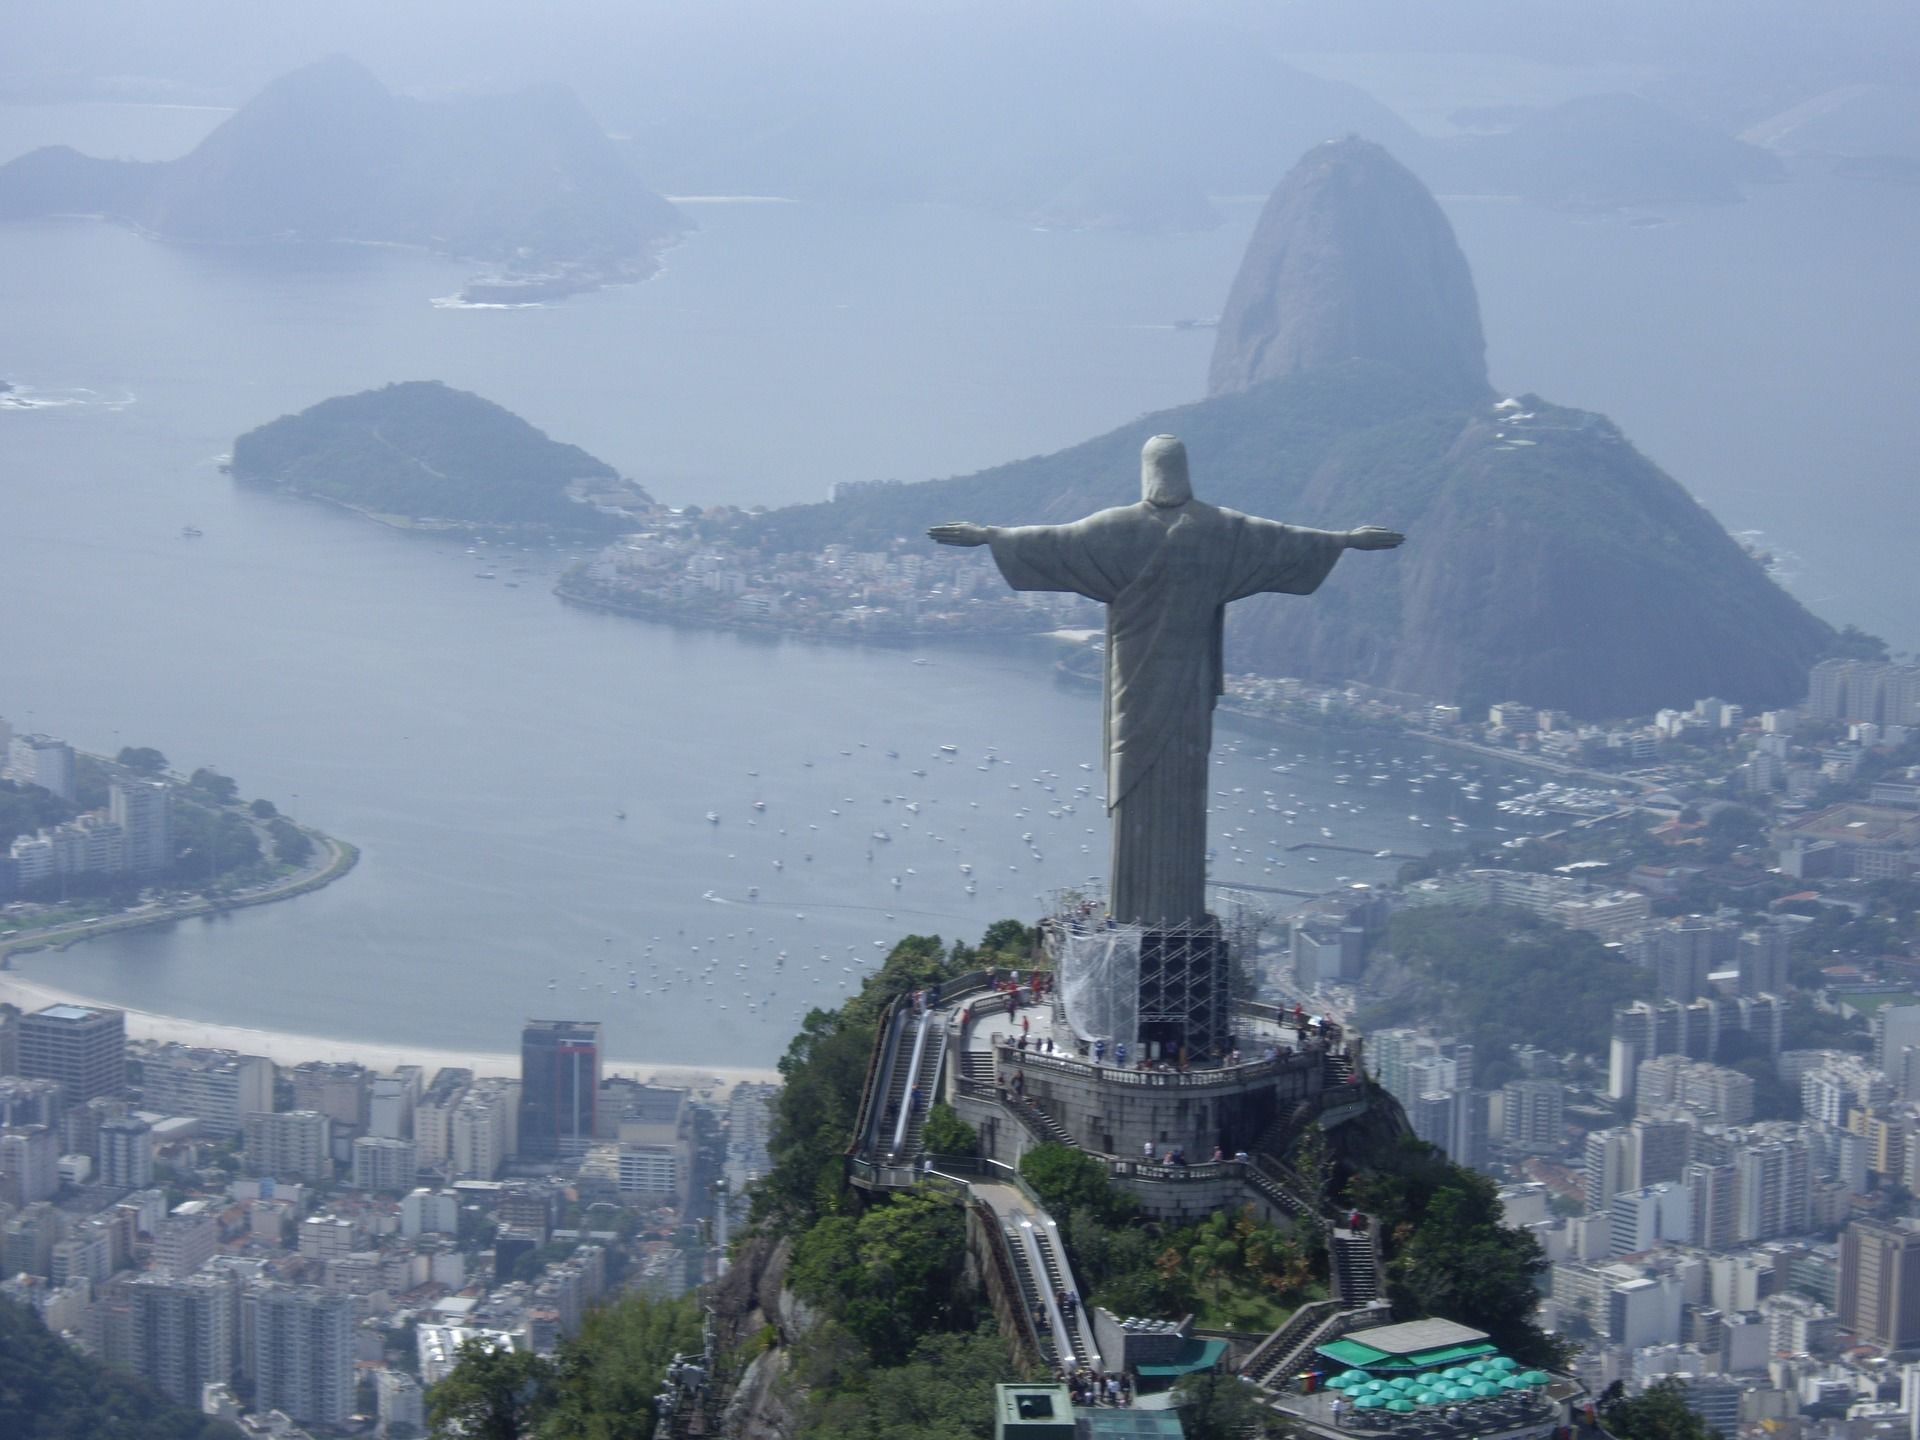 Les incontournables du Brésil - voyage  - sejour